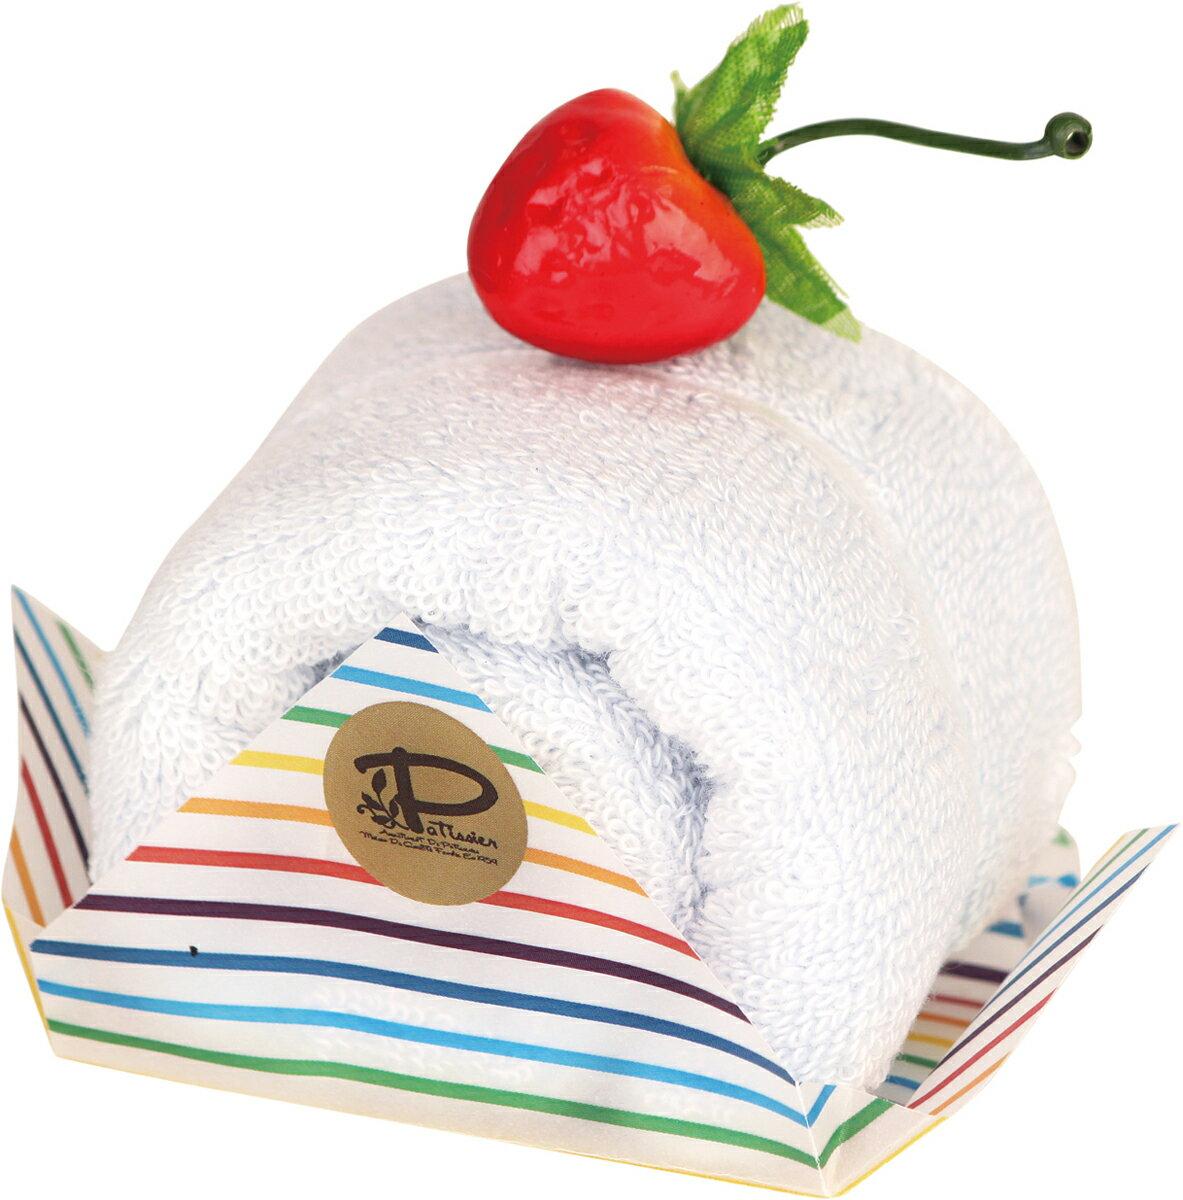 プレーリードッグ ロールケーキ ミント LPSR-7045【あす楽対応】【今治タオル】【ケーキタオル】【上質な肌触り】【日本製】【タオルギフト】【プチギフト】【簡易ラッピング済】 見た目に美味しく、貰って嬉しいタオルギフト。 お返しにぴったりのプチギフト。